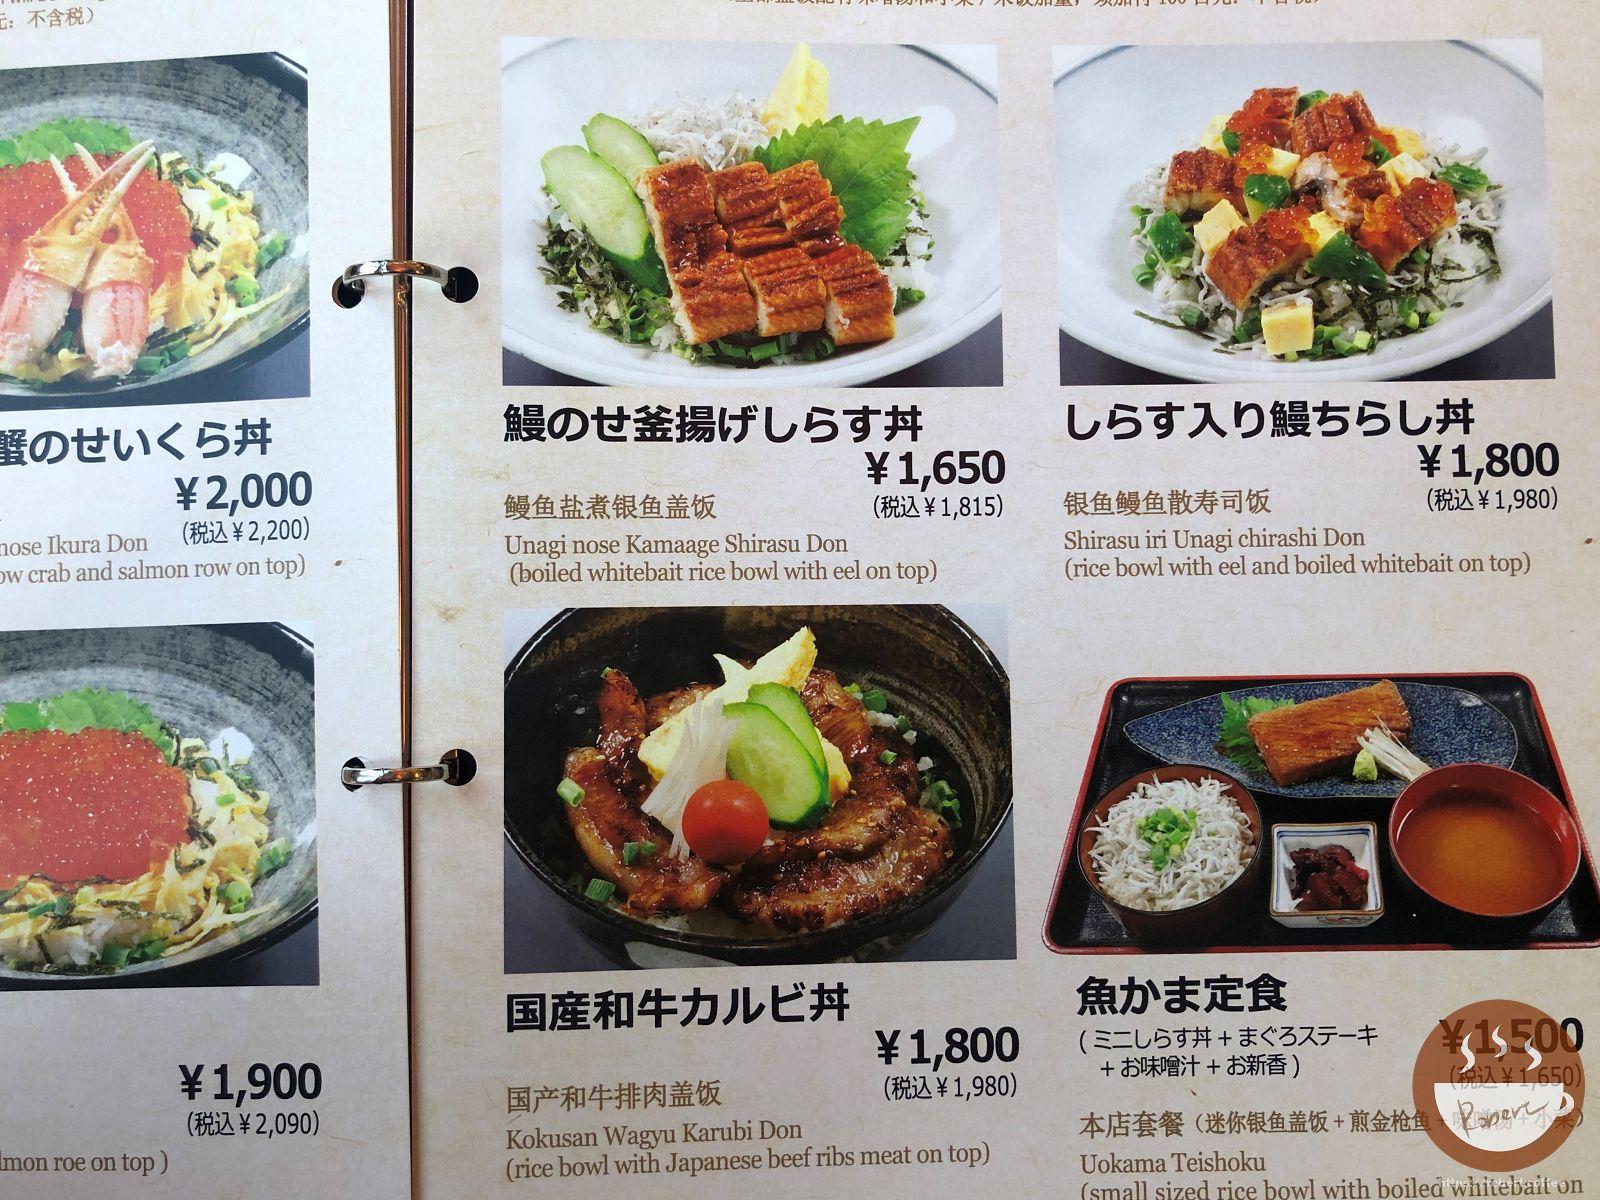 魚釜uokama|鎌倉吻仔魚(銀魚),大口必嘗「生吻仔魚丼飯」,小町通午餐必食推薦! 10